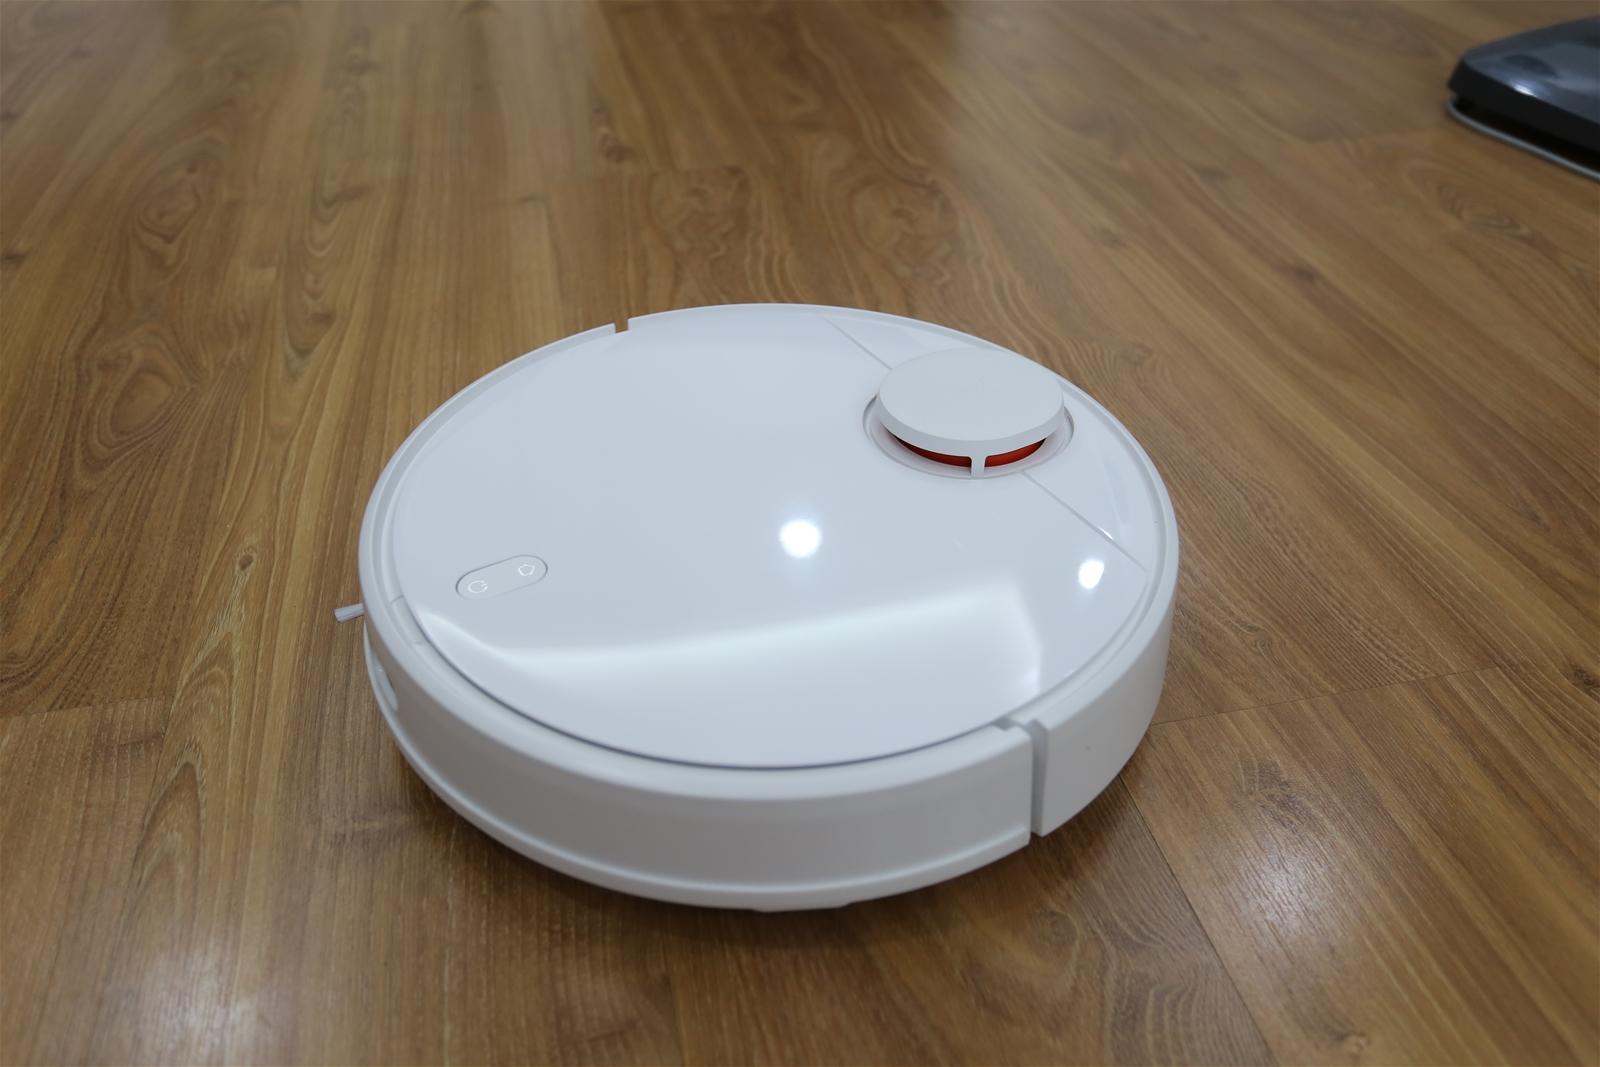 Robot Xiaomi hút bụi lau nhà sạch sẽ, thông minh